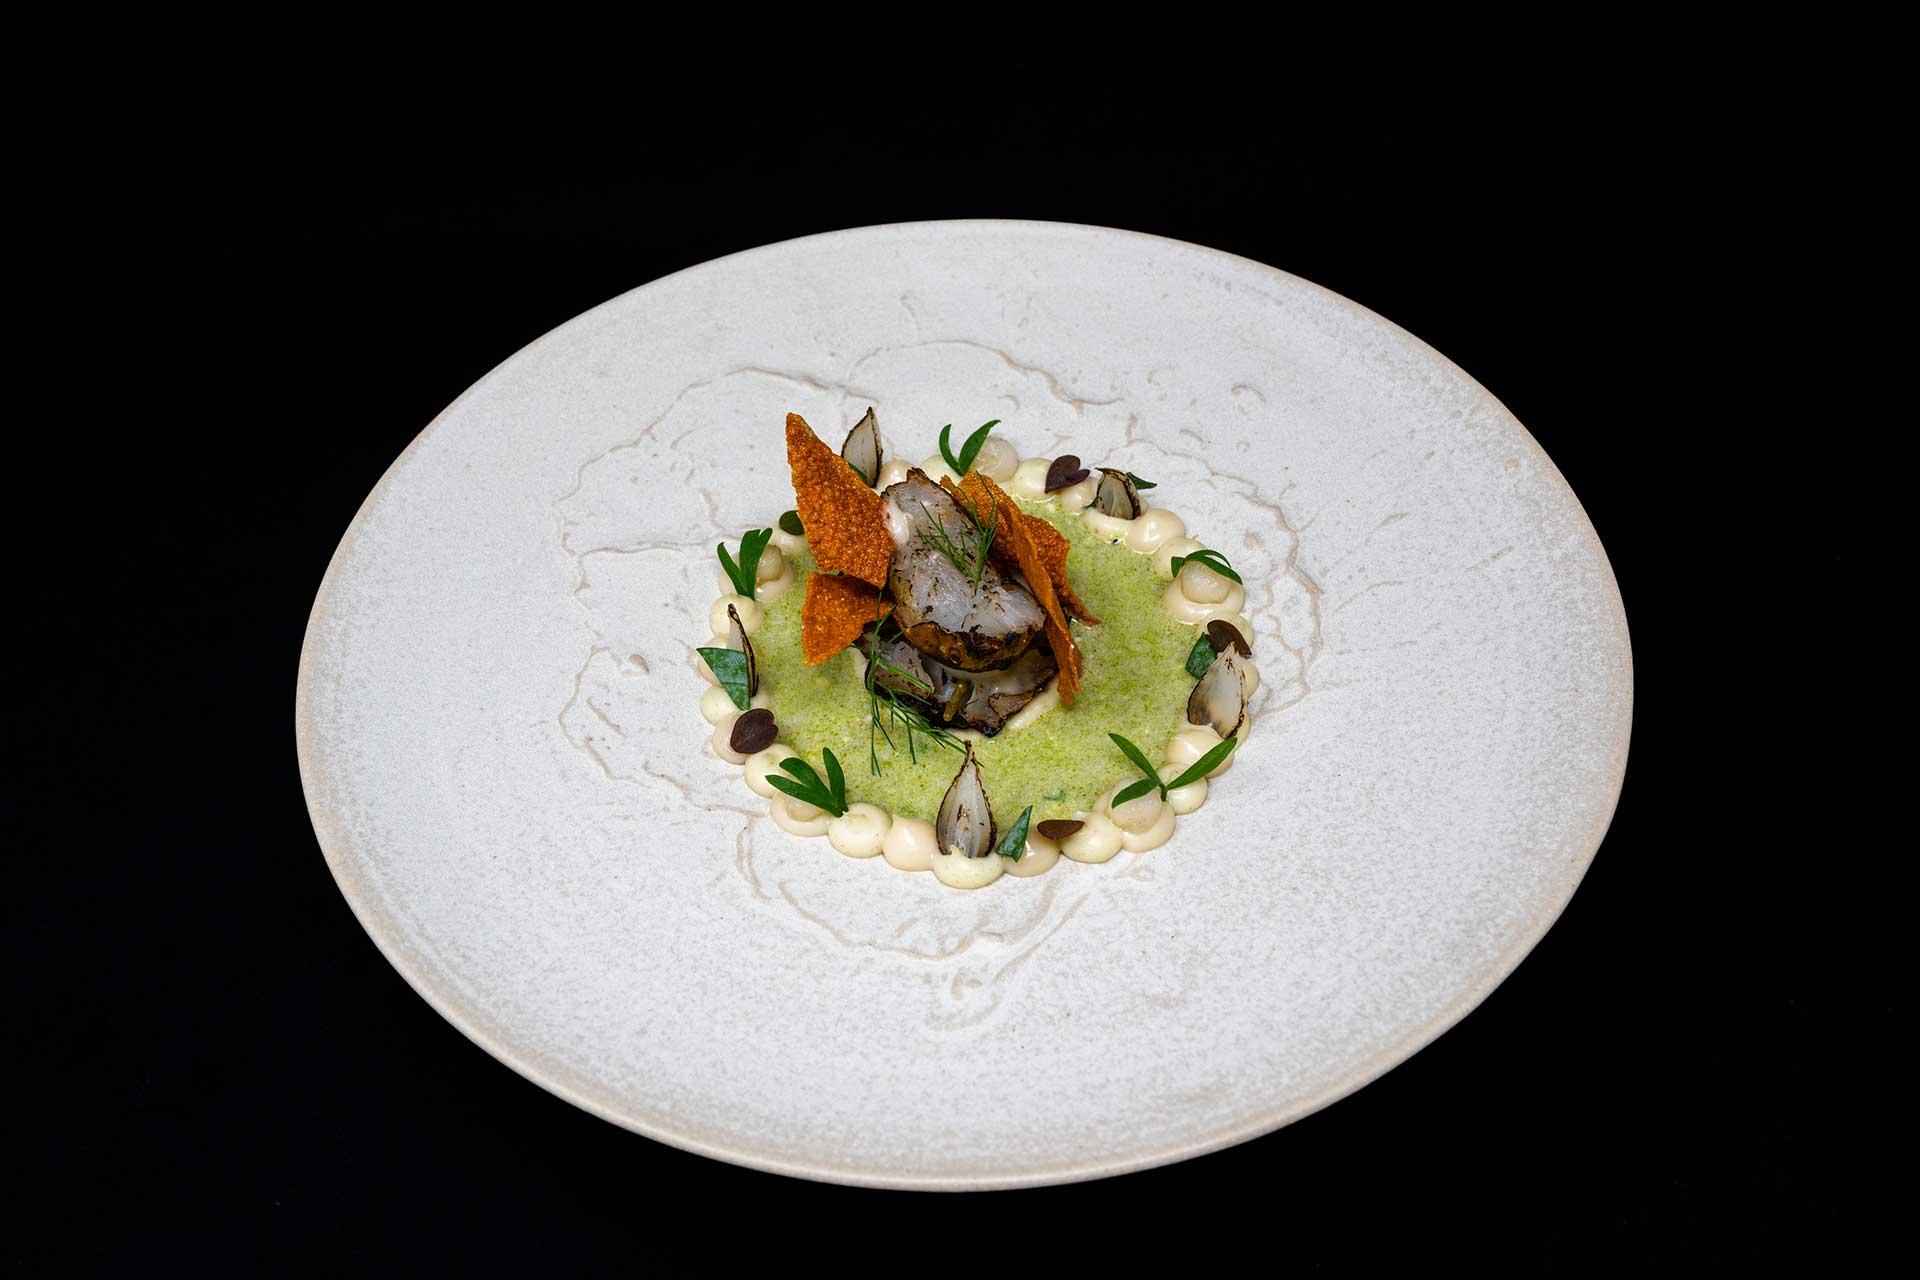 Krzysztof Konieczny signature dish